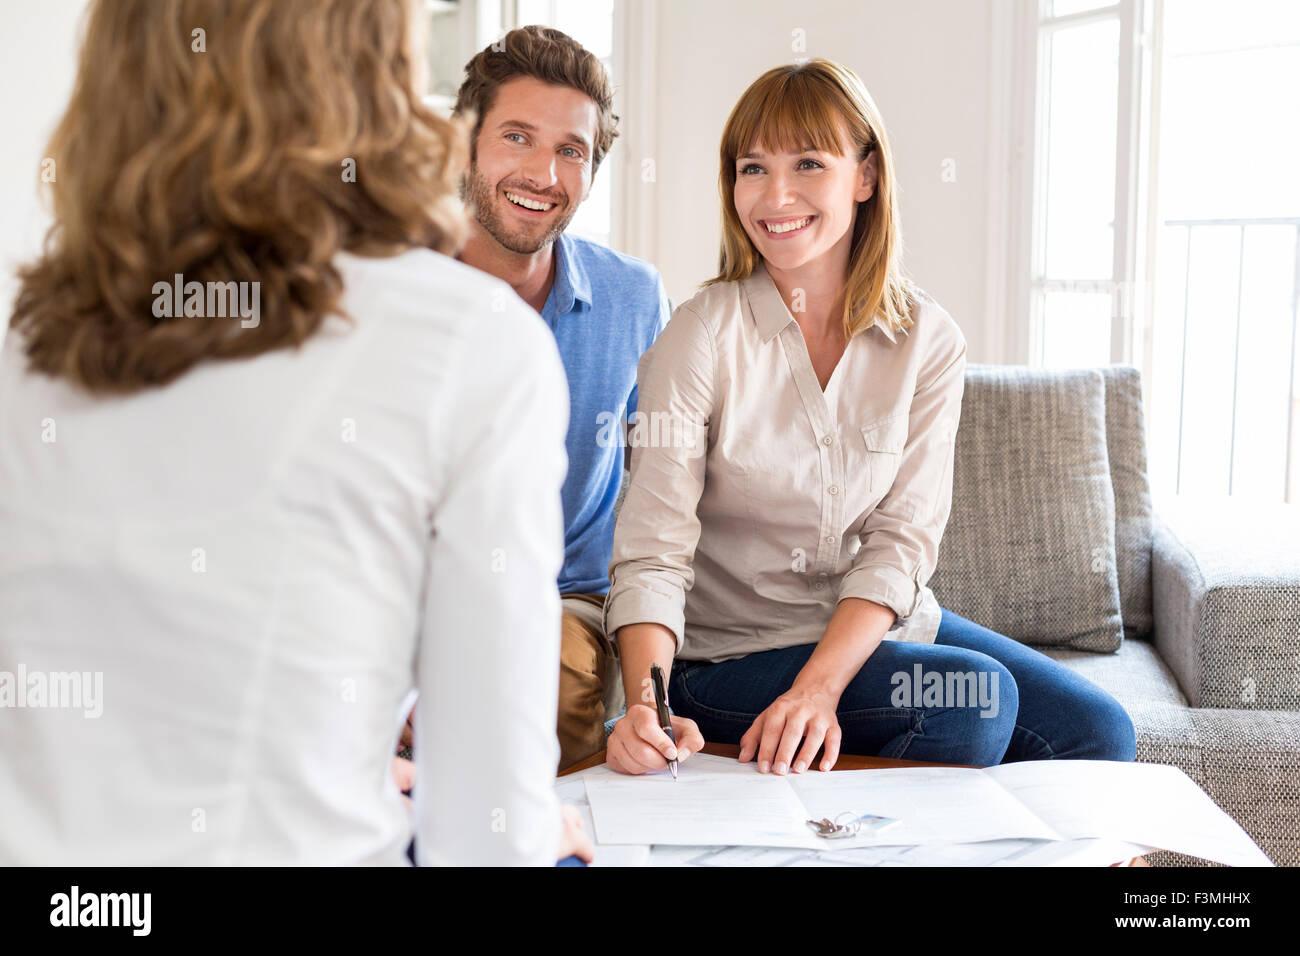 Junges Paar Besitzer Immobilienmakler für Haus-Investition zu treffen. Unterzeichnung eines Vertrages. Glück, Stockbild